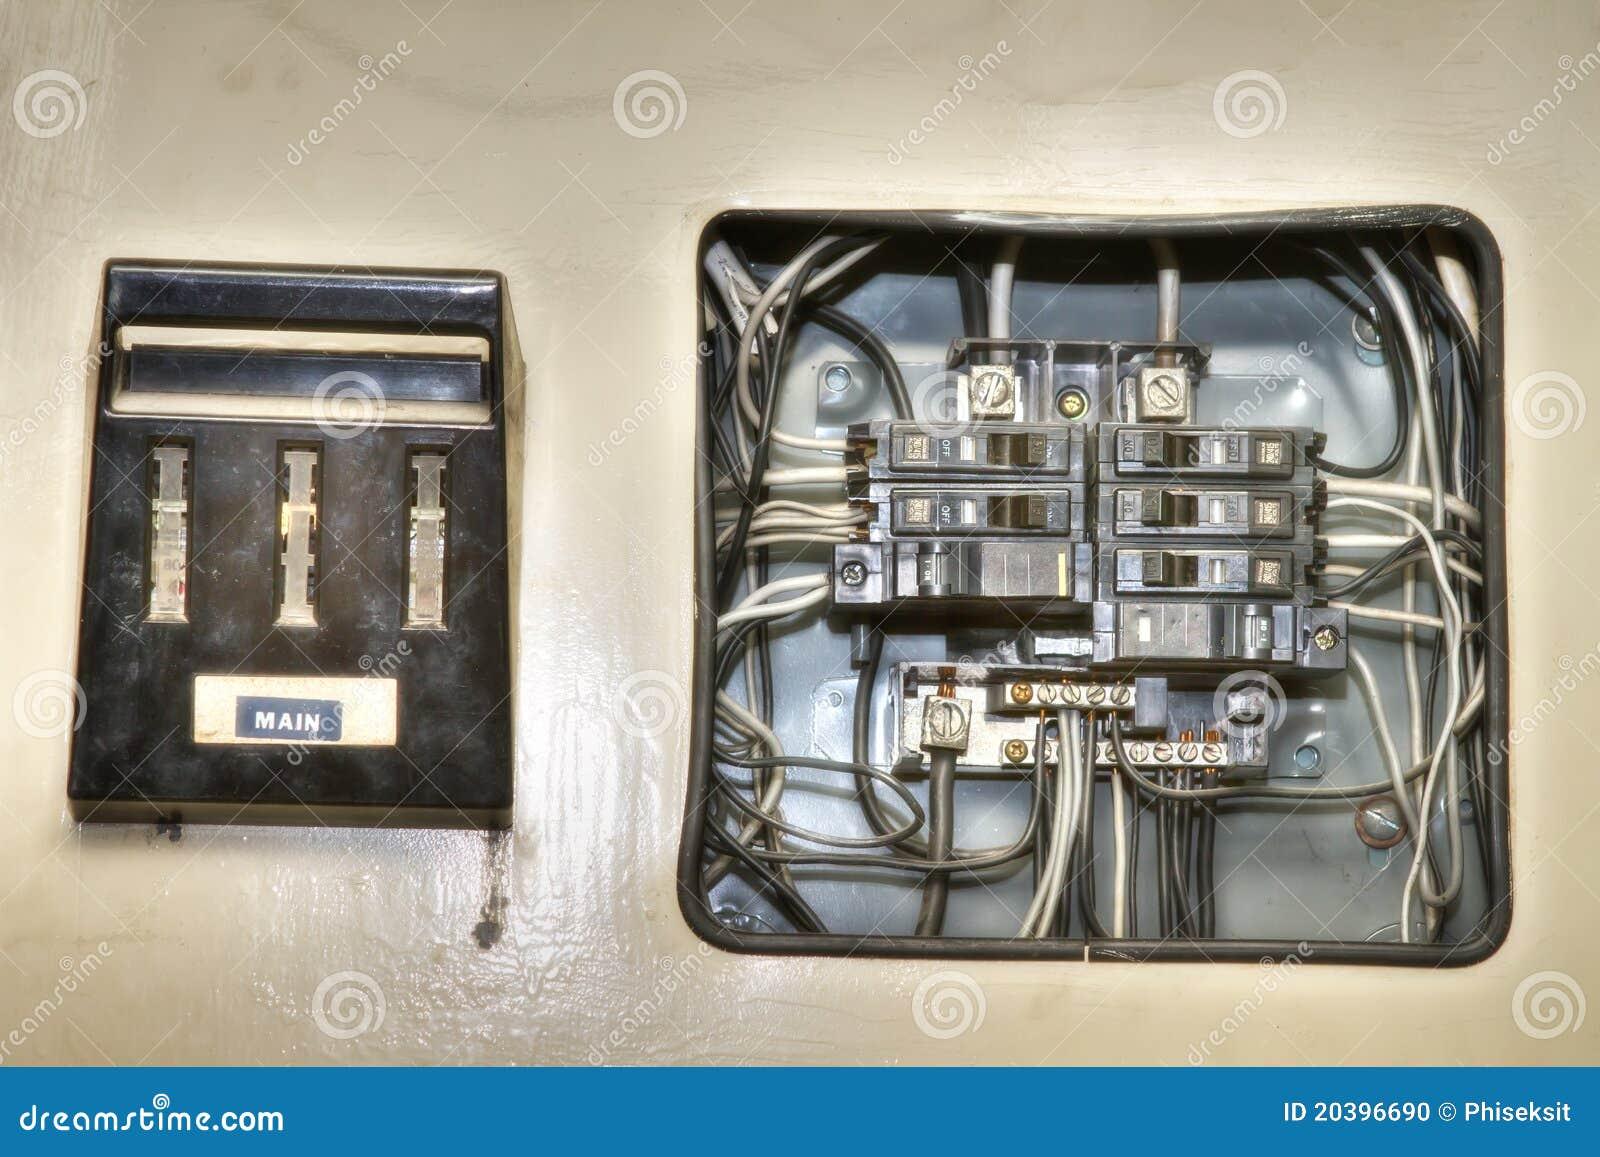 panneau de commande lectrique de vieille maison photo stock image 20396690. Black Bedroom Furniture Sets. Home Design Ideas